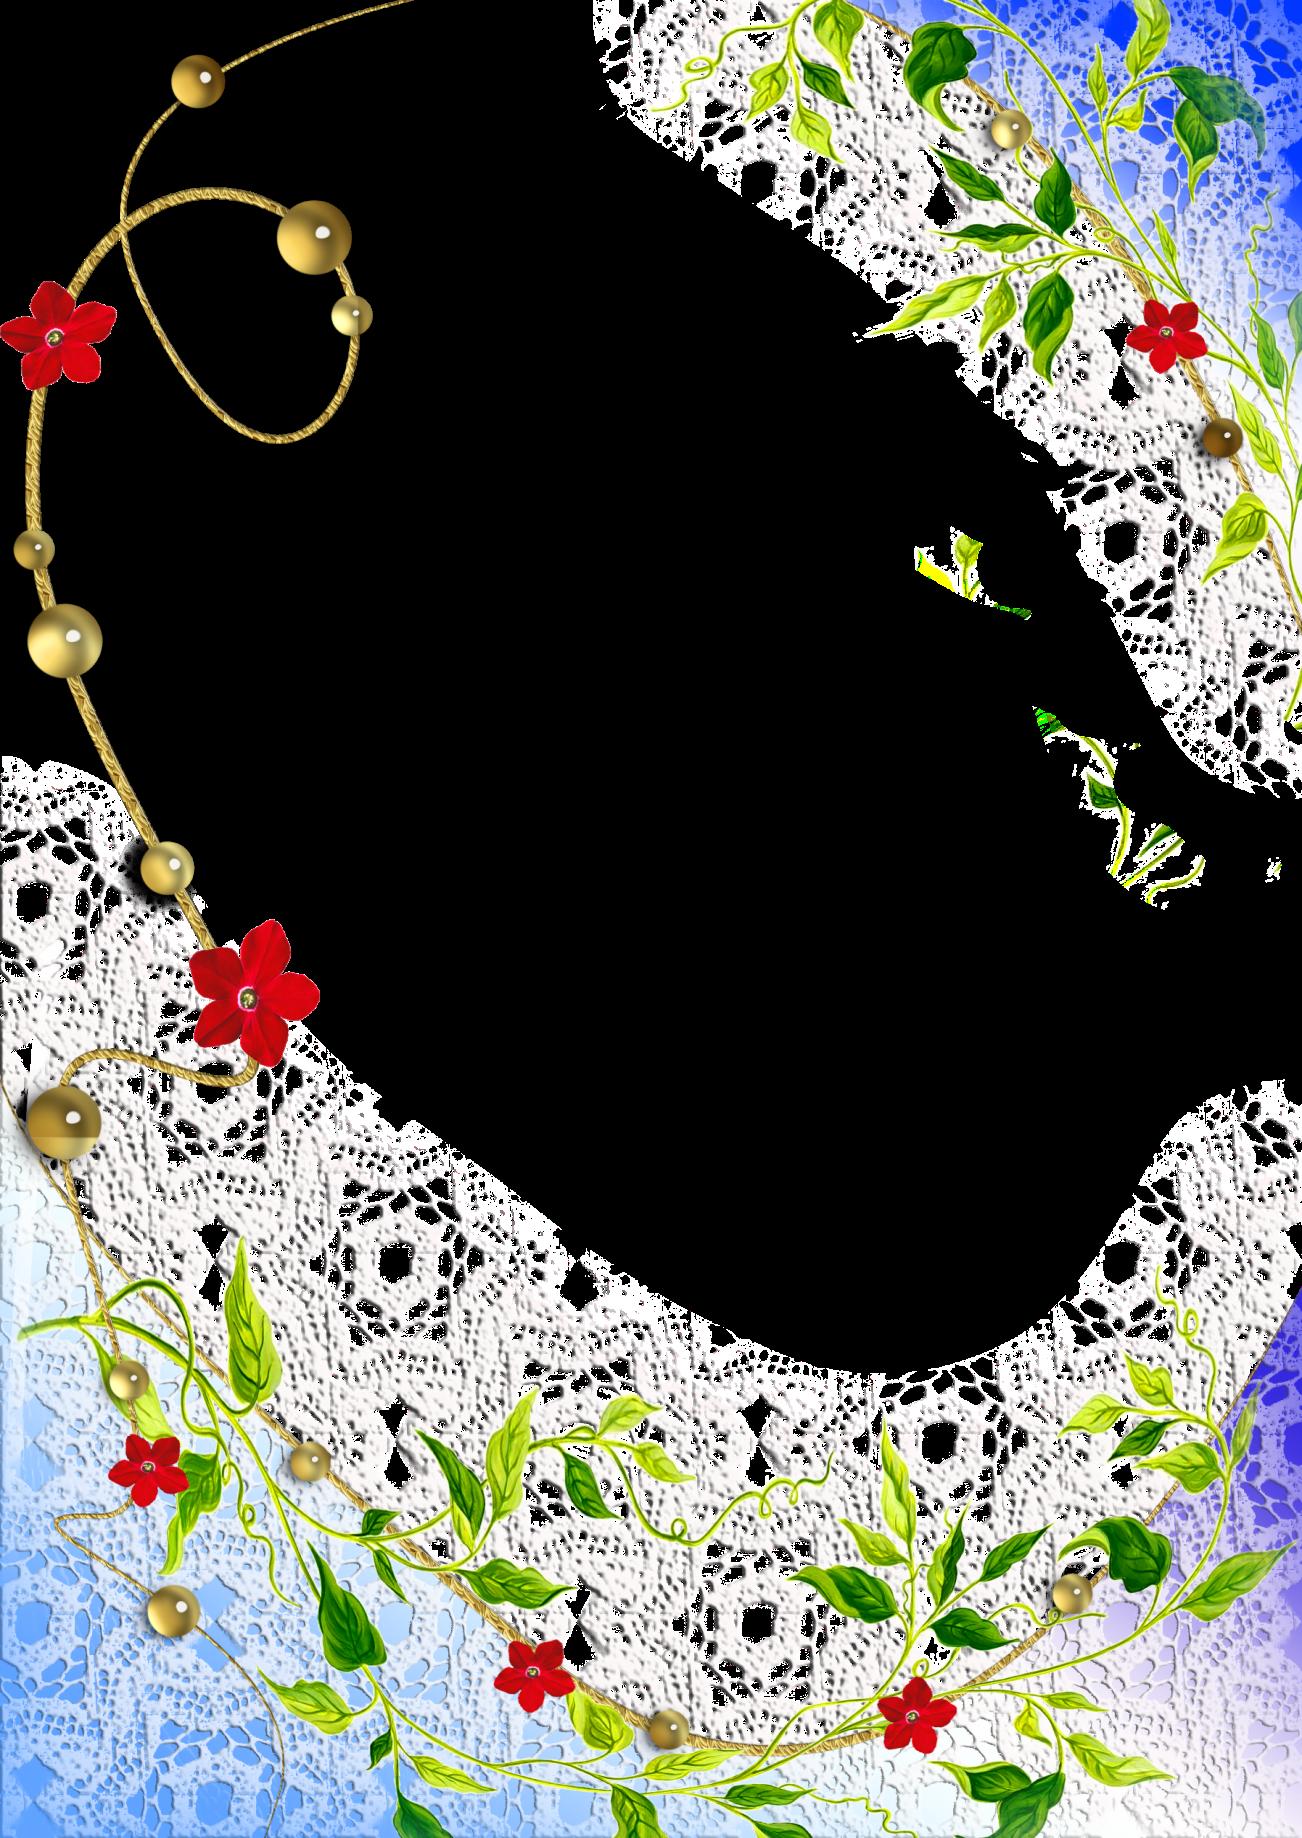 картинки рамки для оформления титульного листа кролика посыпается